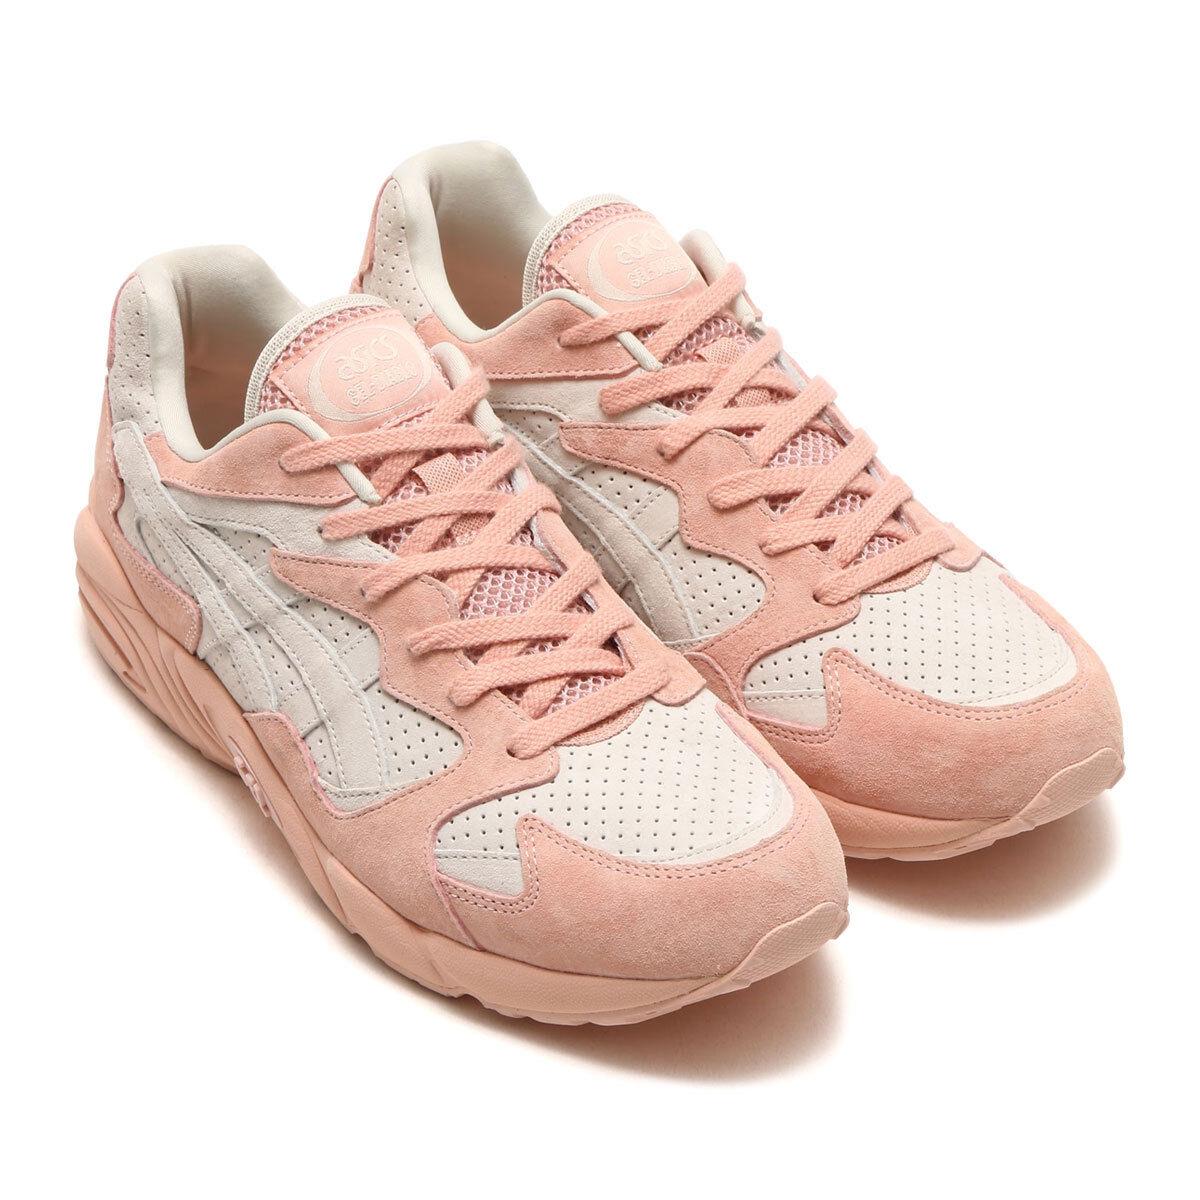 ASICS  Men's Gel Shoes Diablo (Birch) Running Sneakers Shoes Gel f77a24